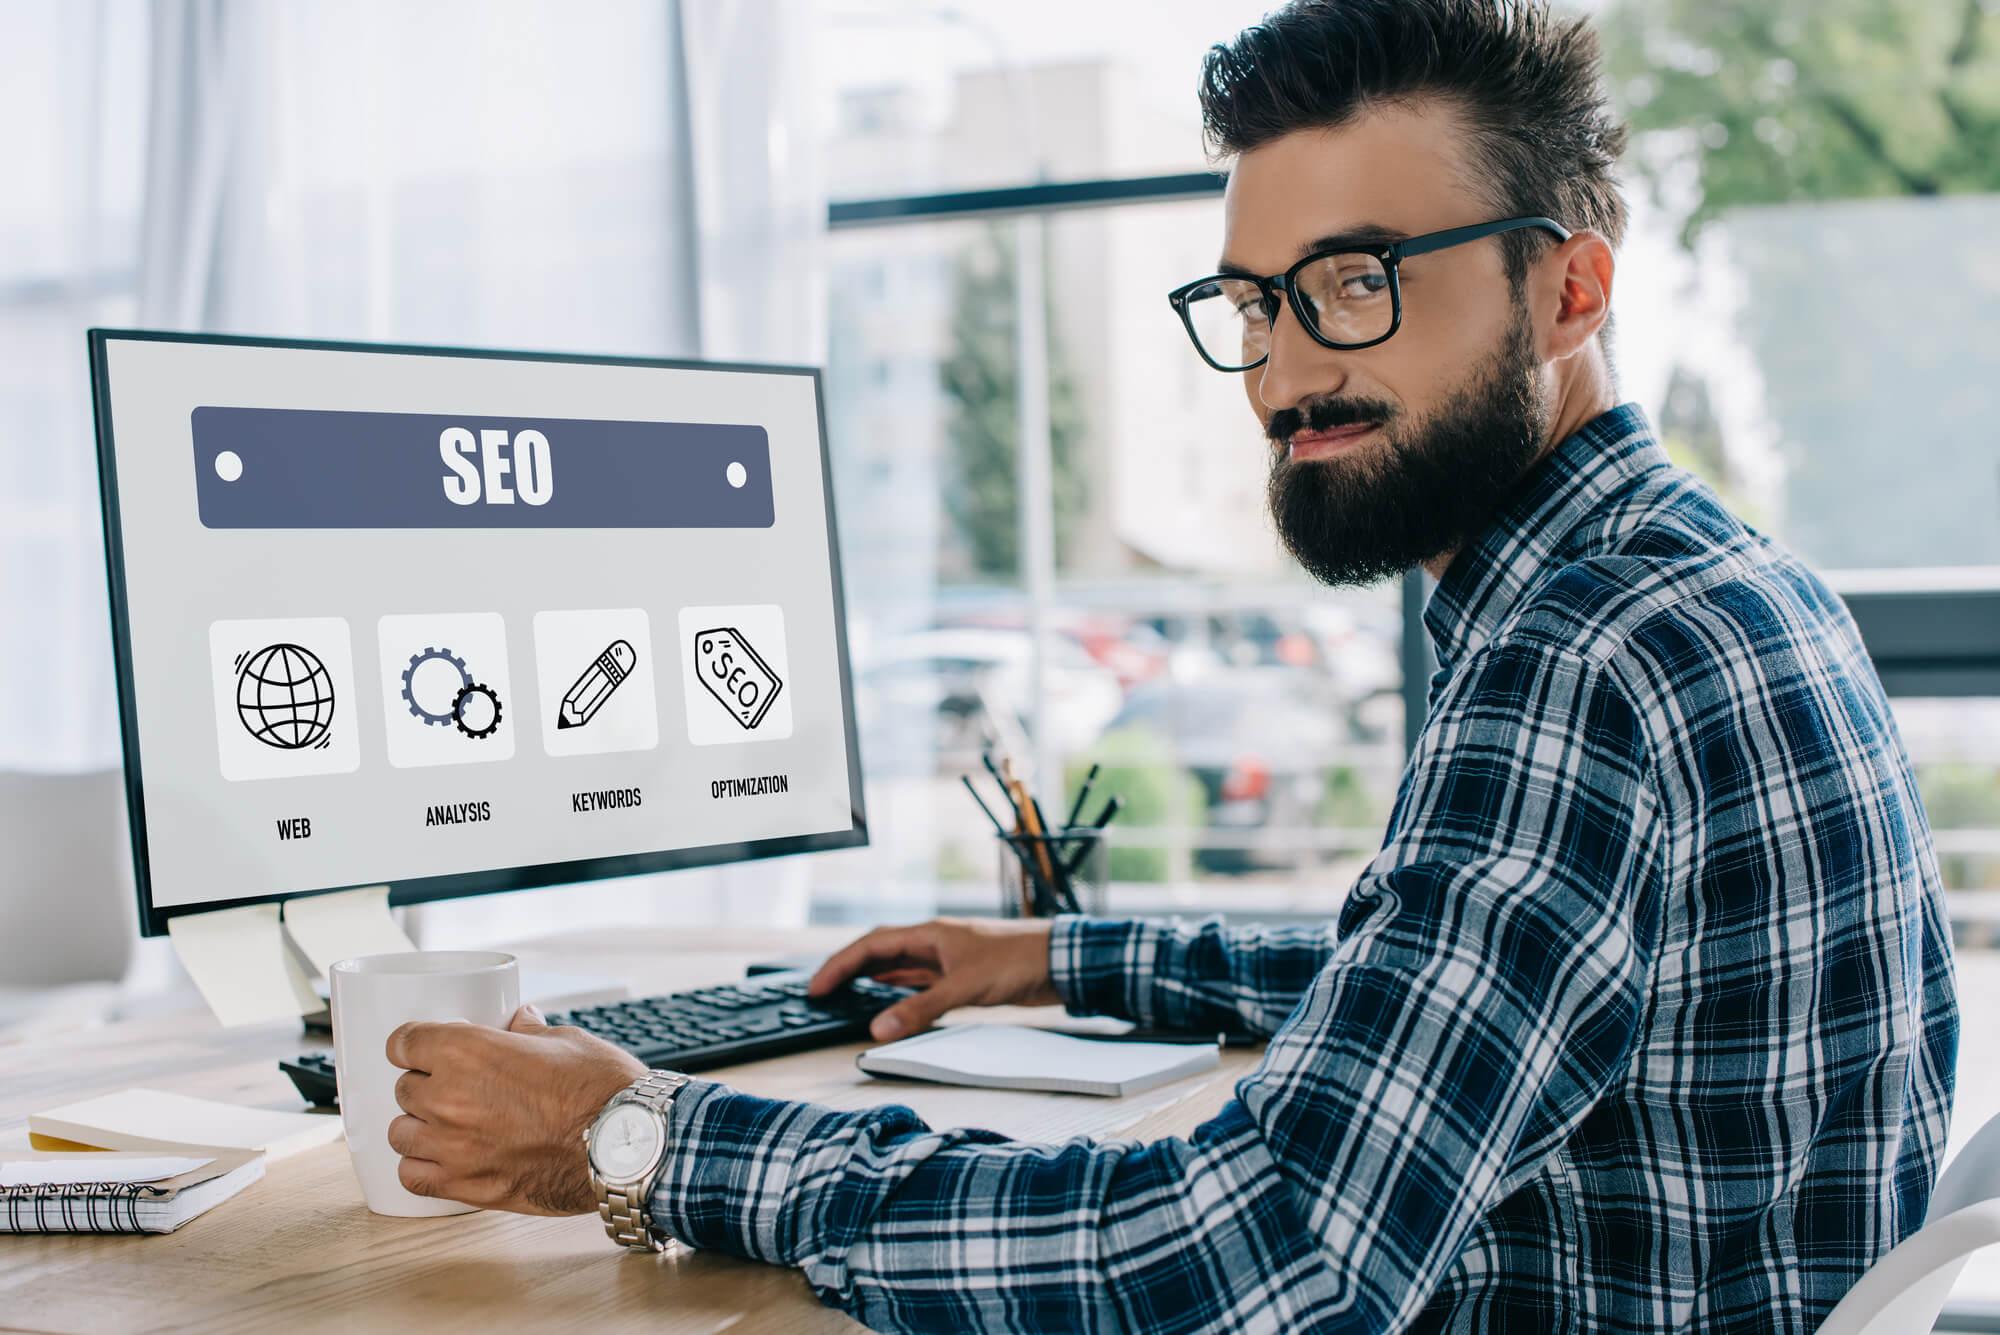 SEO expert in front of his desktop